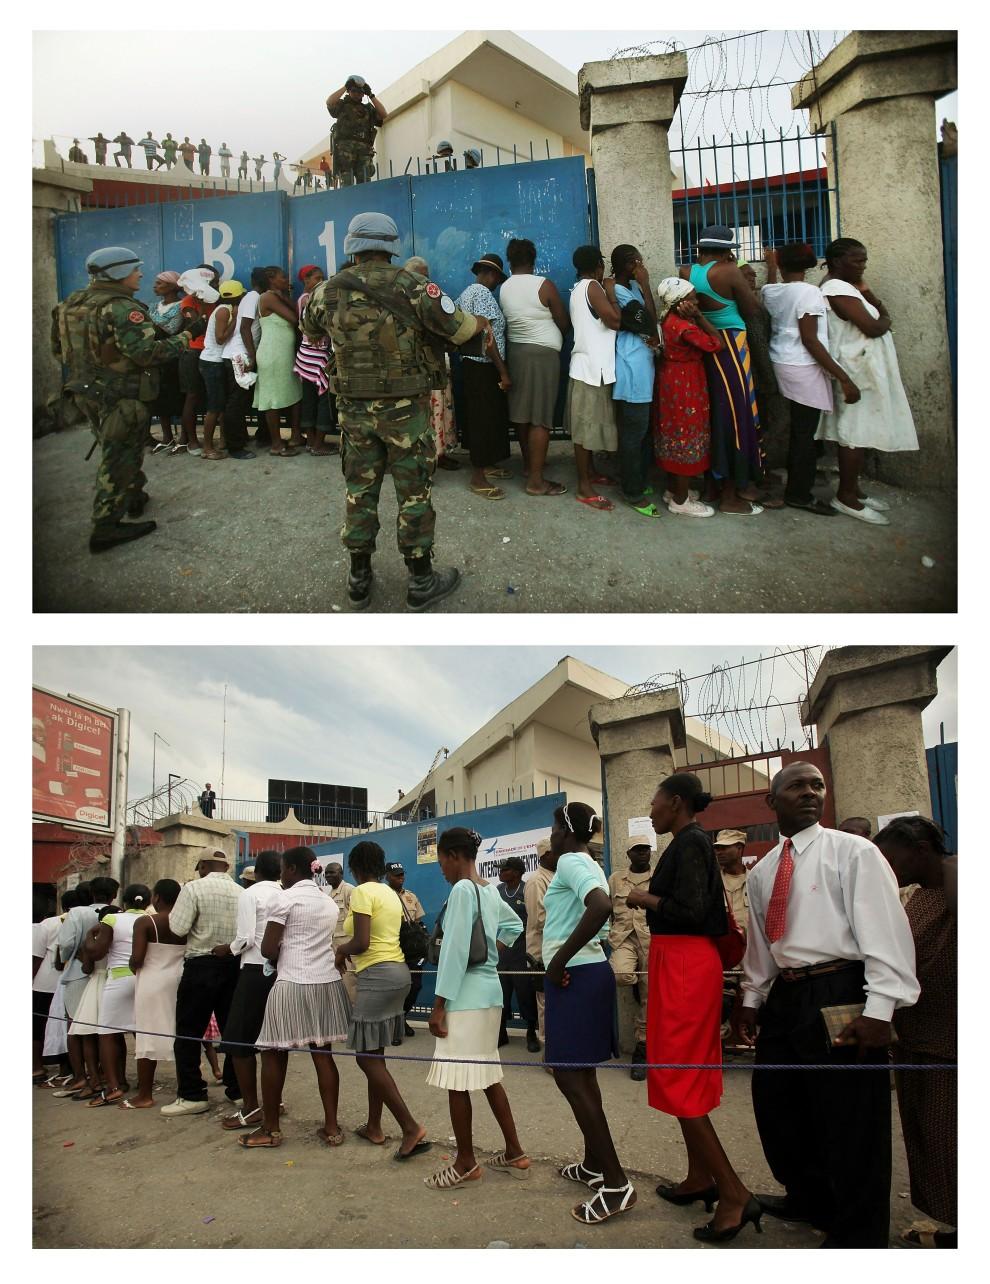 10. i 11.  HAITI, Port-au-Prince, zdjęcie pierwsze z 9 stycznia 2010: Mężczyźni obserwują z murów kolejkę po żywność.   Zdjęcie drugie z 12 stycznia 2011: To samo miejsce – Haitańczycy czekają w kolejce do wejścia na Festiwal Nadziei. (Foto: Mario Tama/Getty Images)